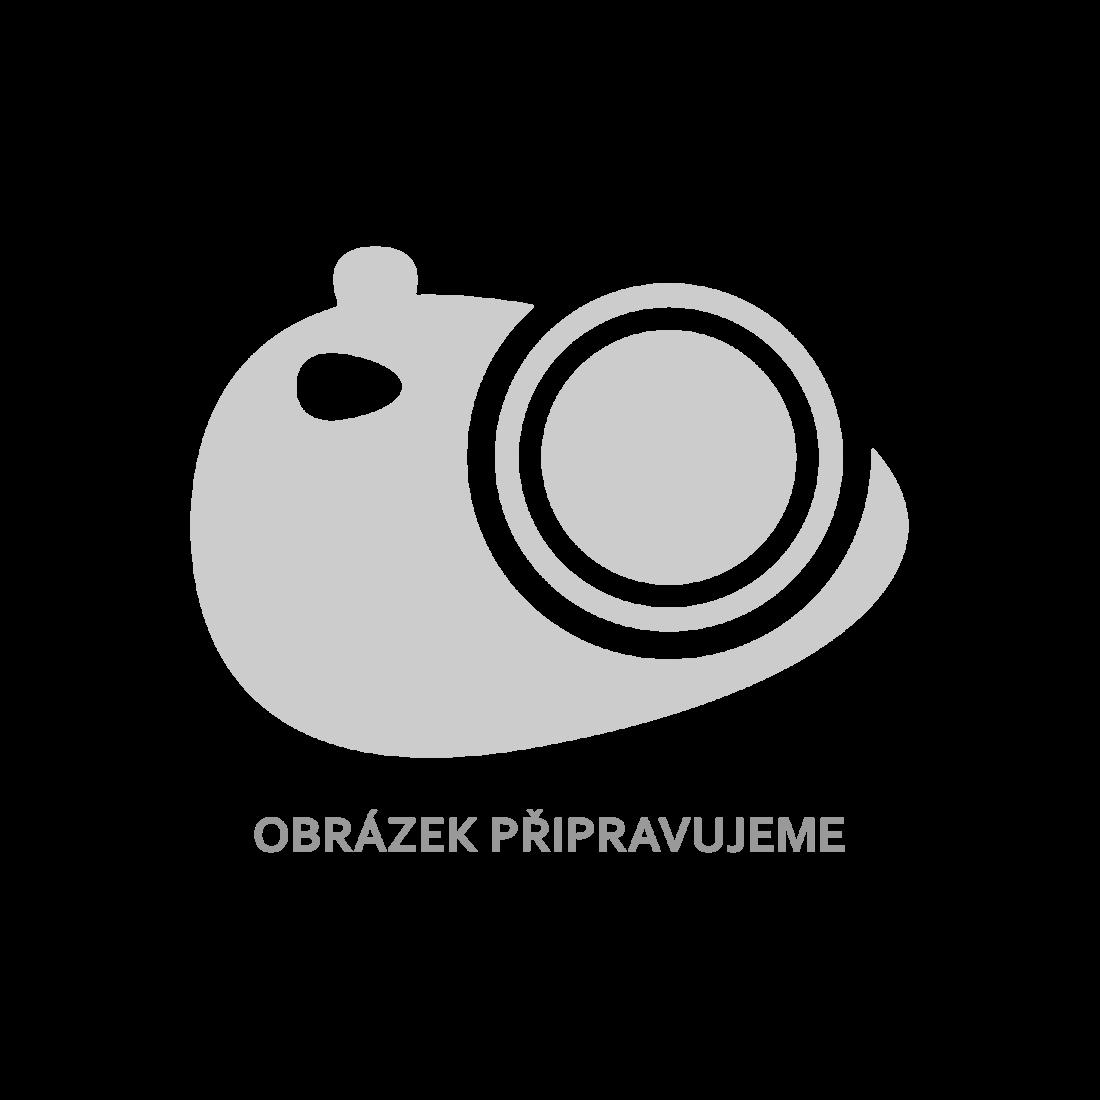 vidaXL TV stolky 4 ks černé 37 x 35 x 37 cm dřevotříska [805503]